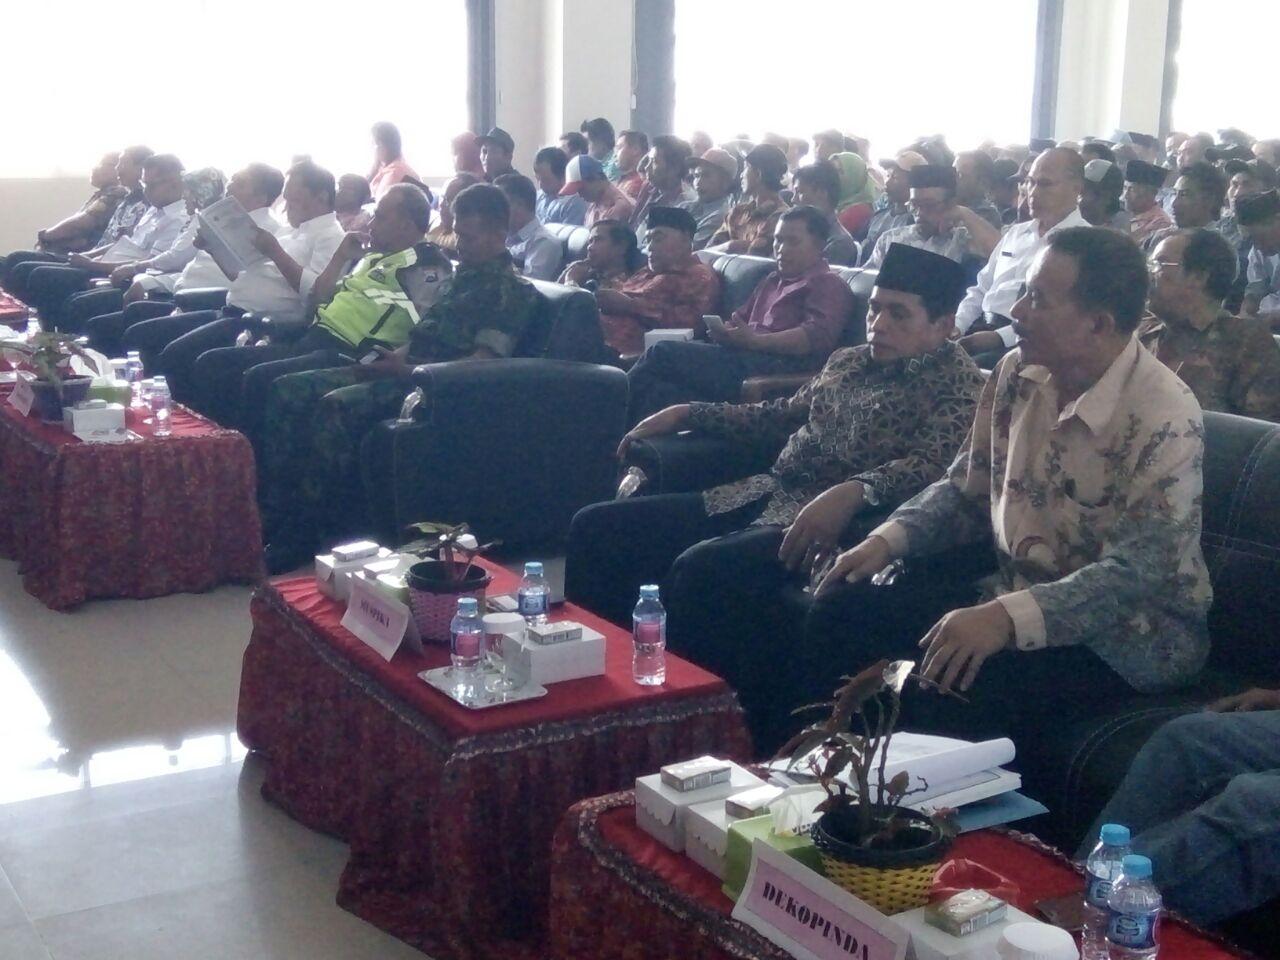 Kapolsek Ngantang Polres Batu Bersama Muspika Ngantang menghadiri Rapat RAT